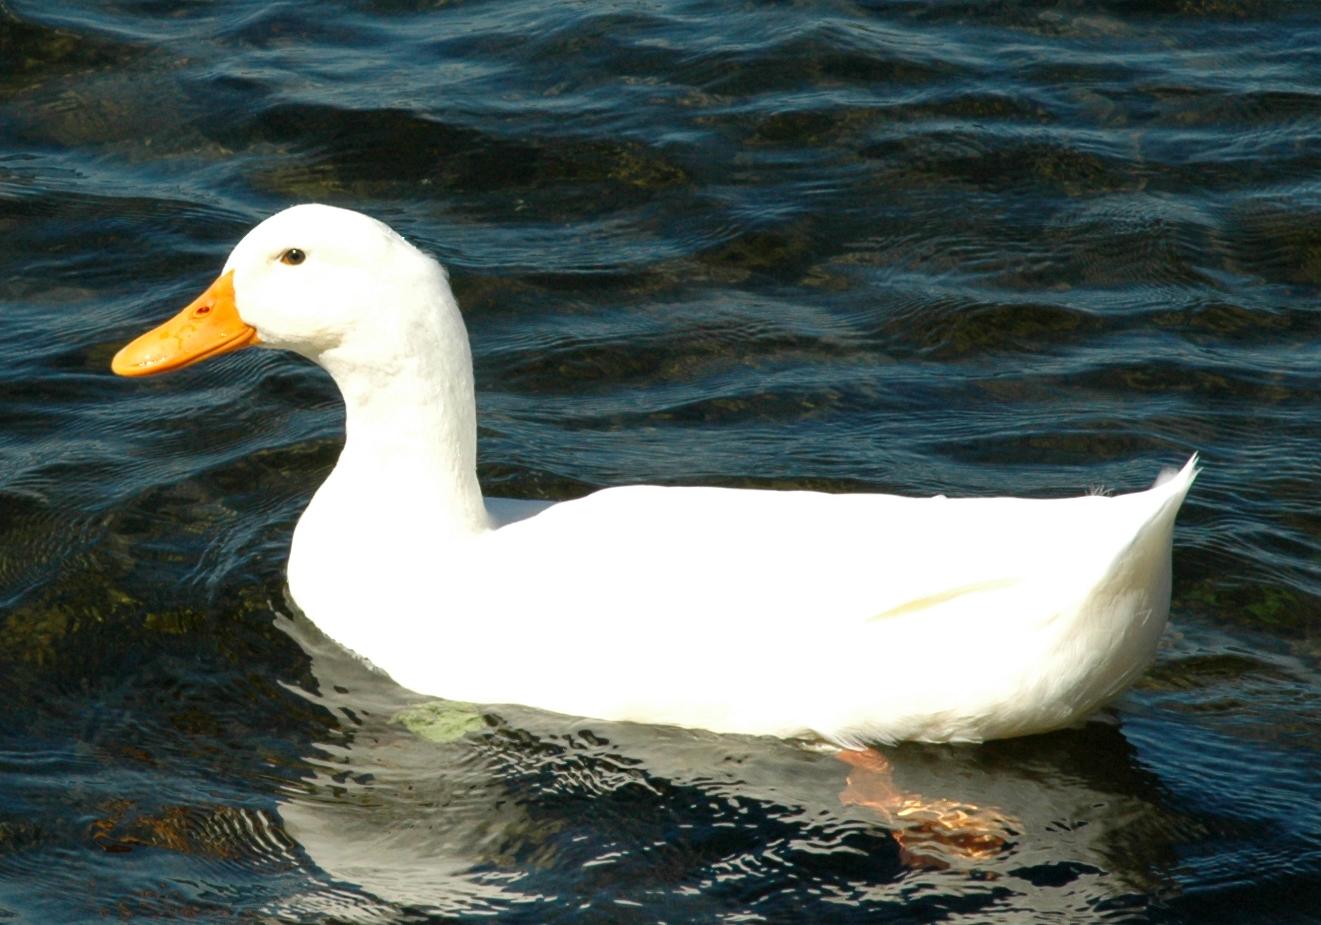 FileWhite duckjpg  Wikimedia Commons